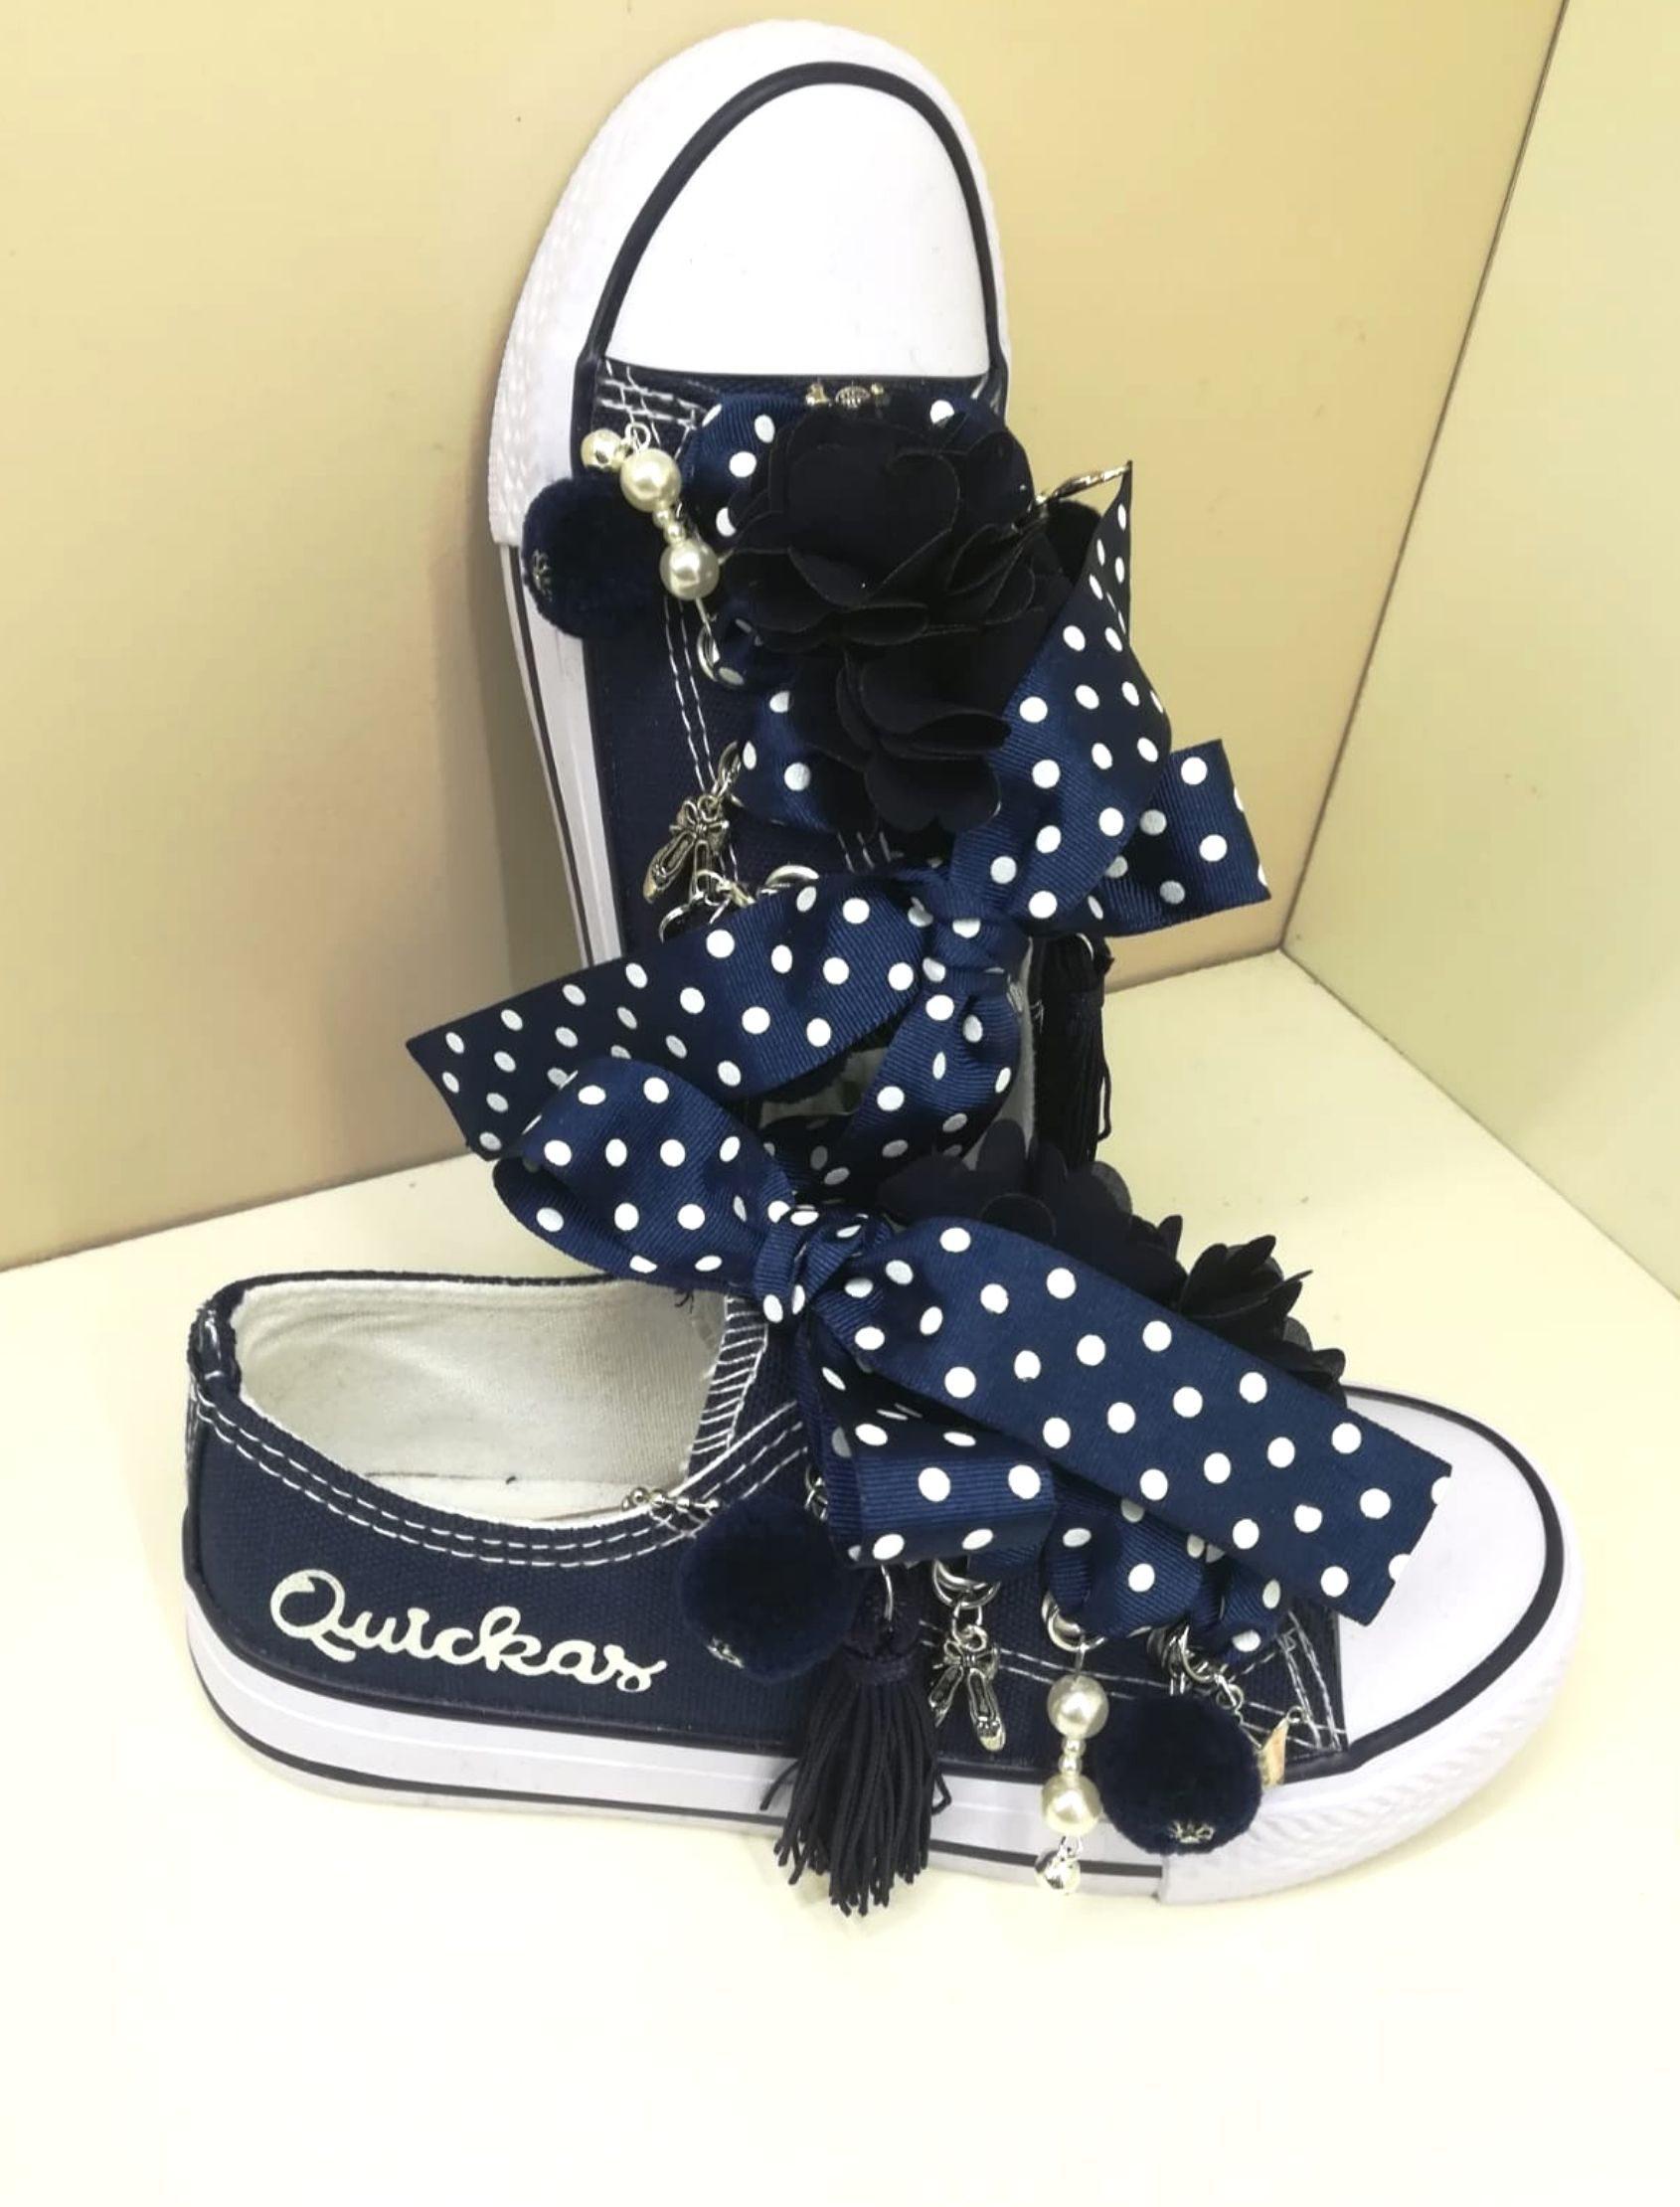 sneakers blue de quickas en tono azul marino con cordones estampados de lunares blancos y abalorios